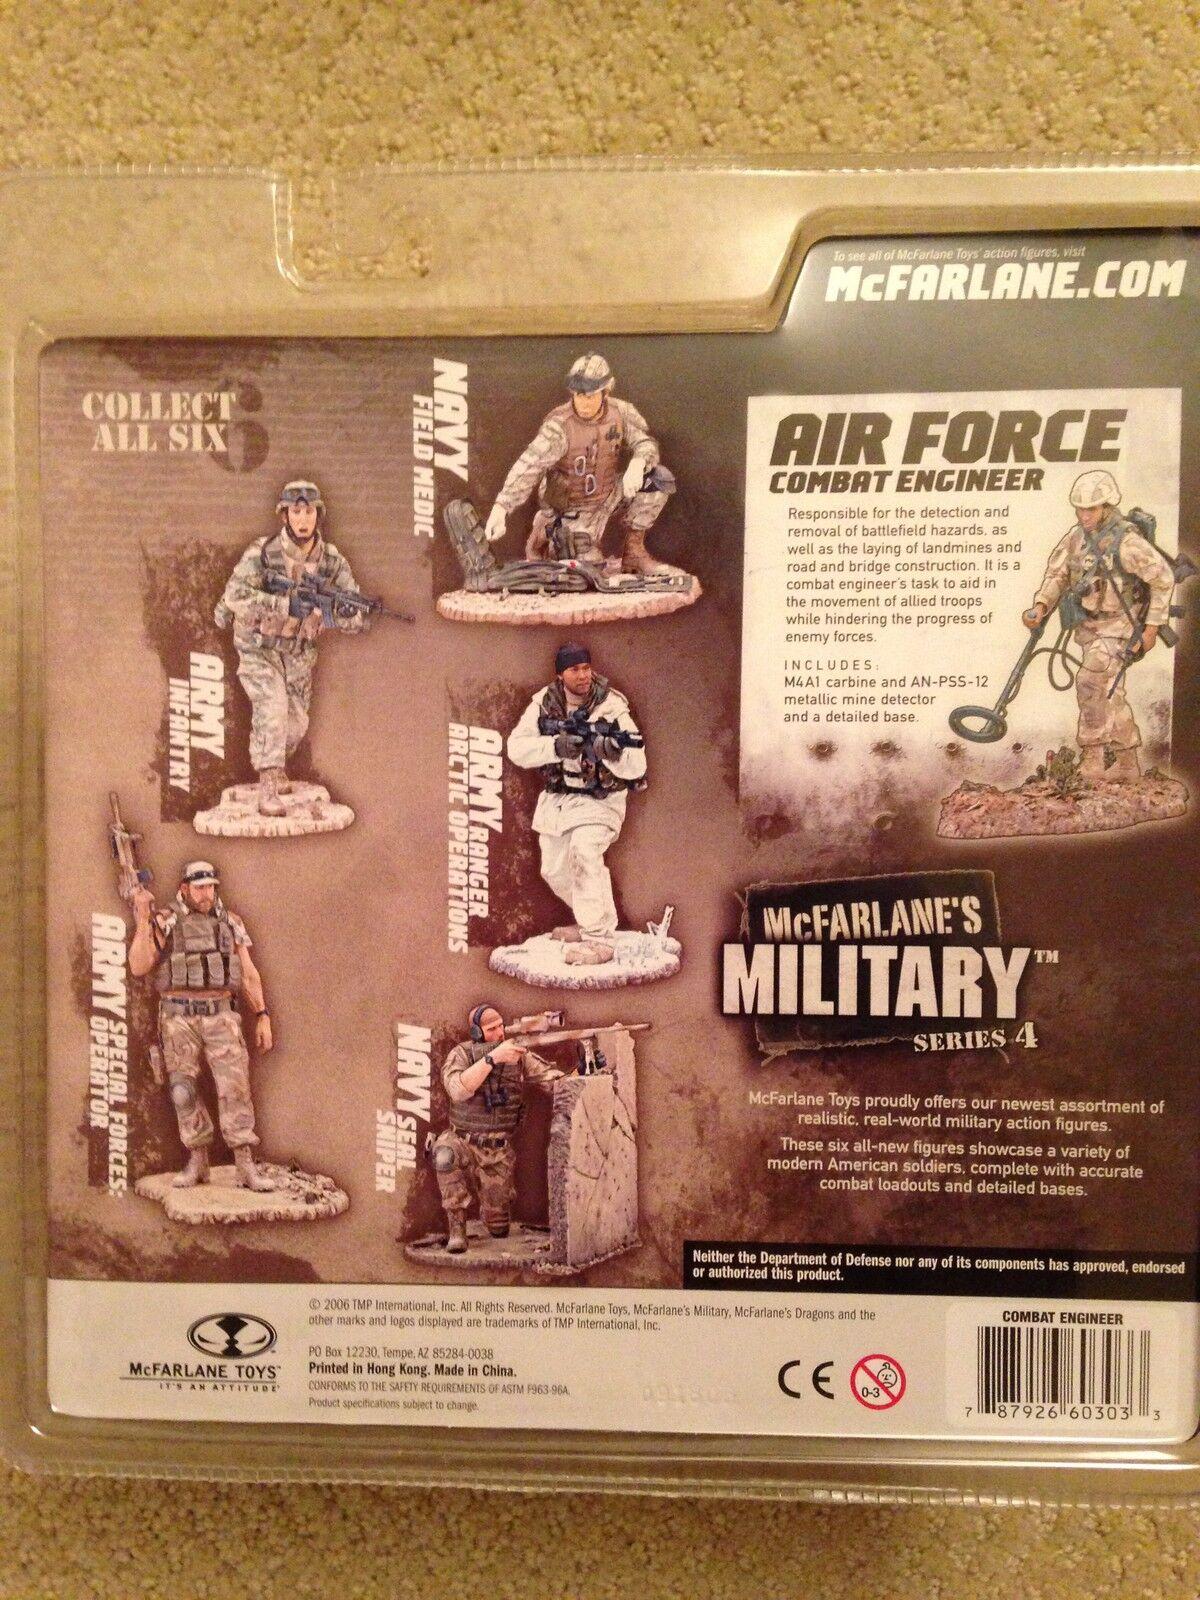 Mcfarlane Military Series 4 completare Unopened azione cifra  Collection  100% autentico